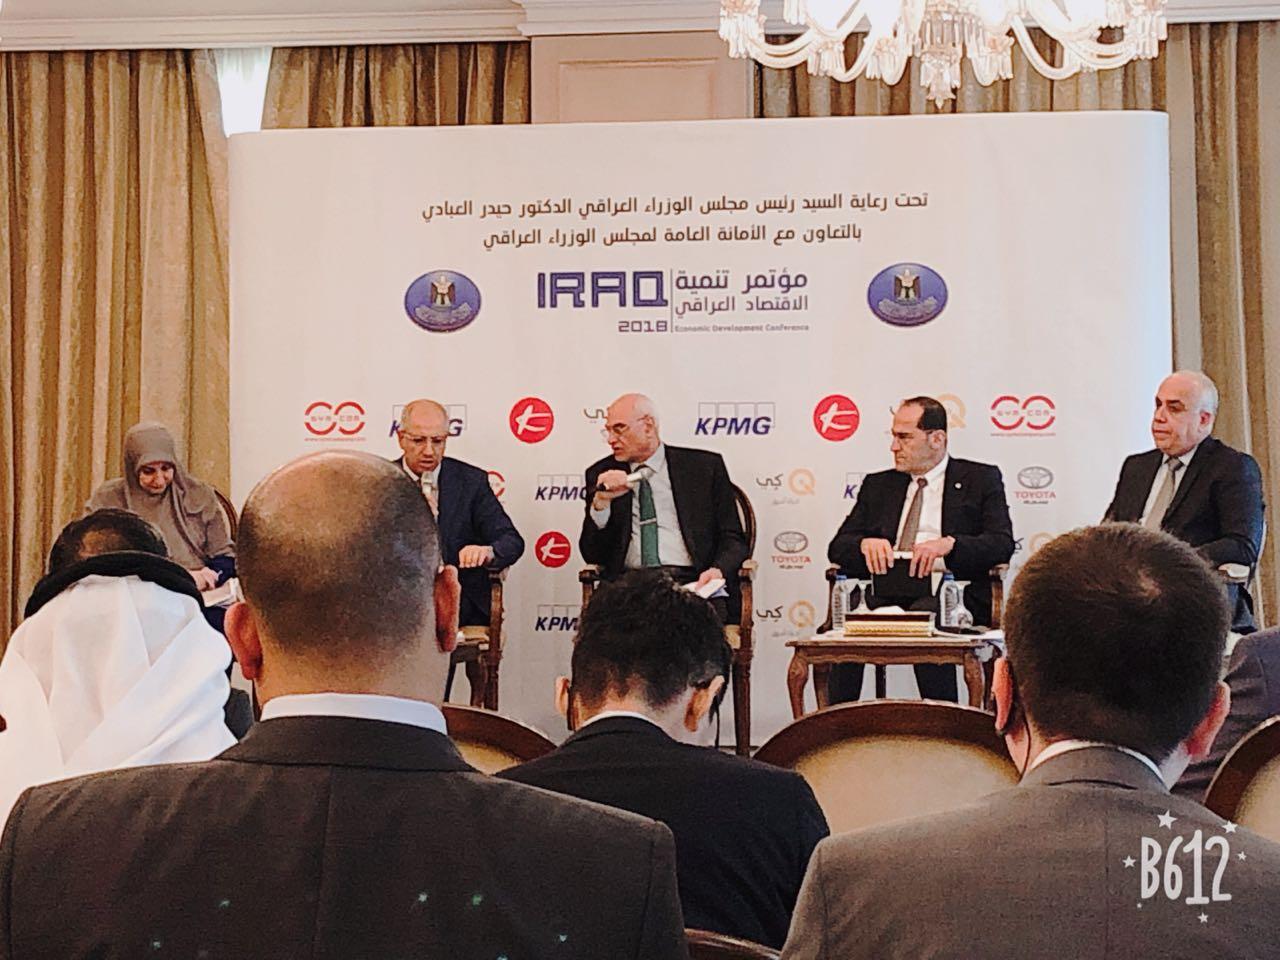 انطلاق مؤتمر تنمية الاقتصاد العراقي 2018 في بغداد